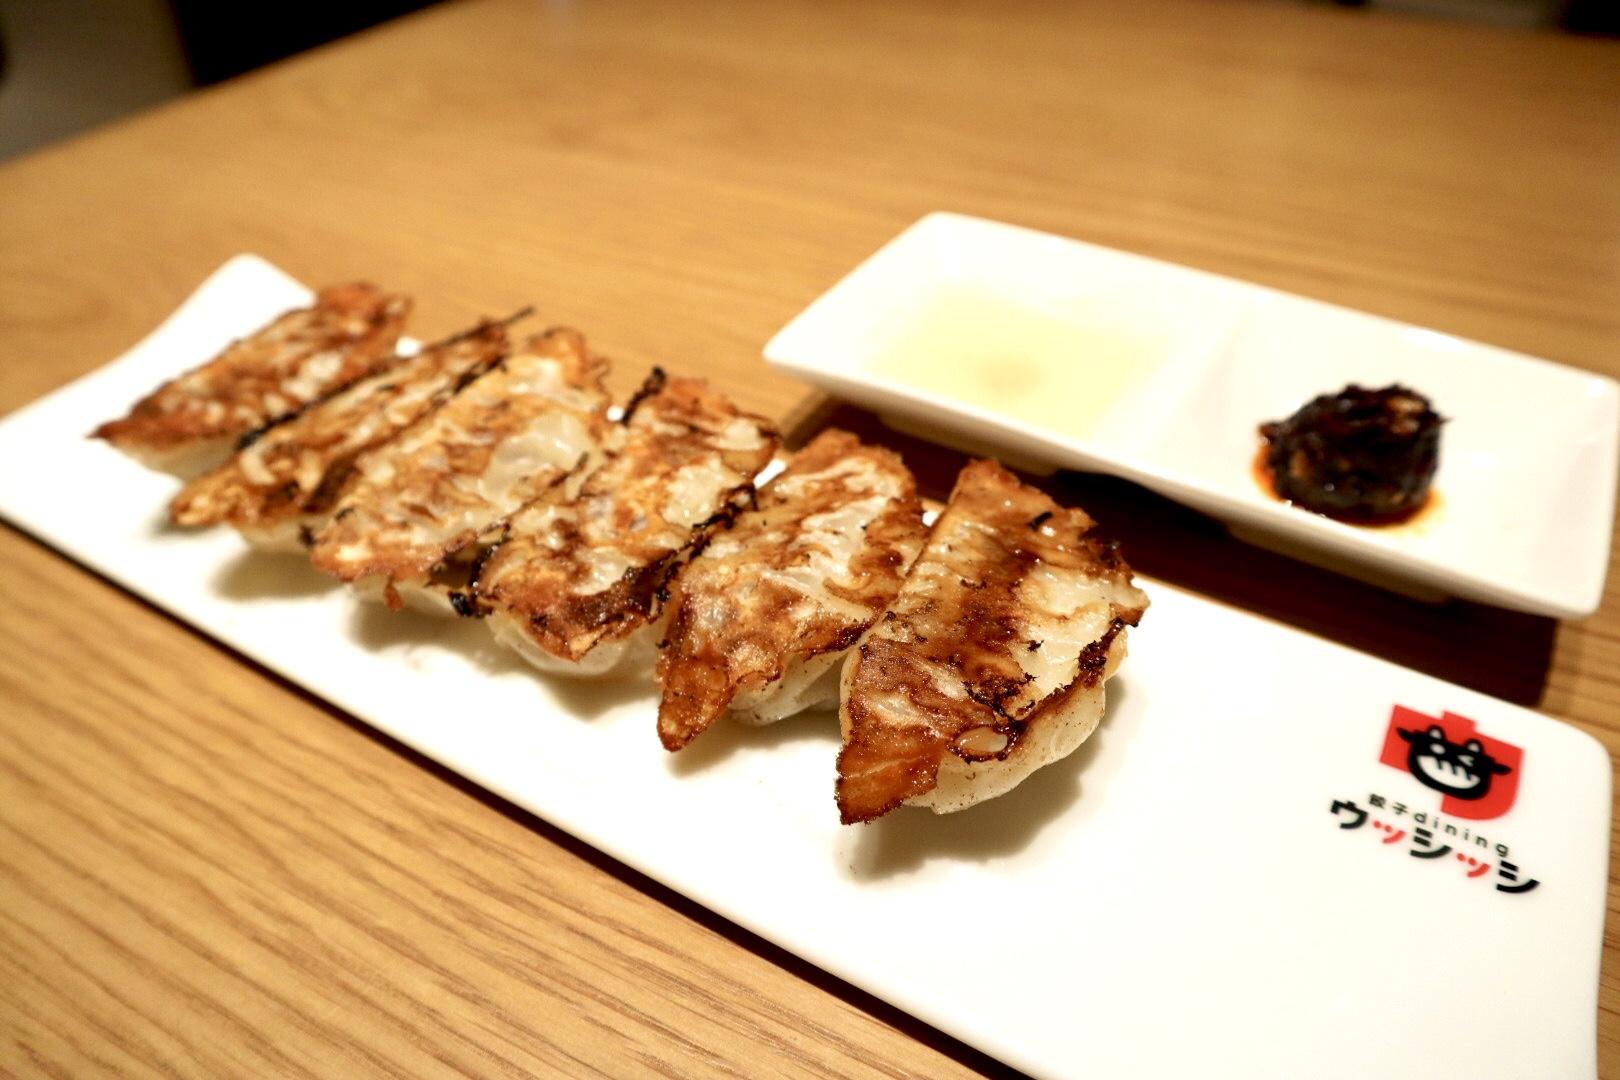 栄|「ぎょうざ」ならぬ「ぎゅうざ」!?牛肉の旨味を存分に楽しめる餃子ダイニング